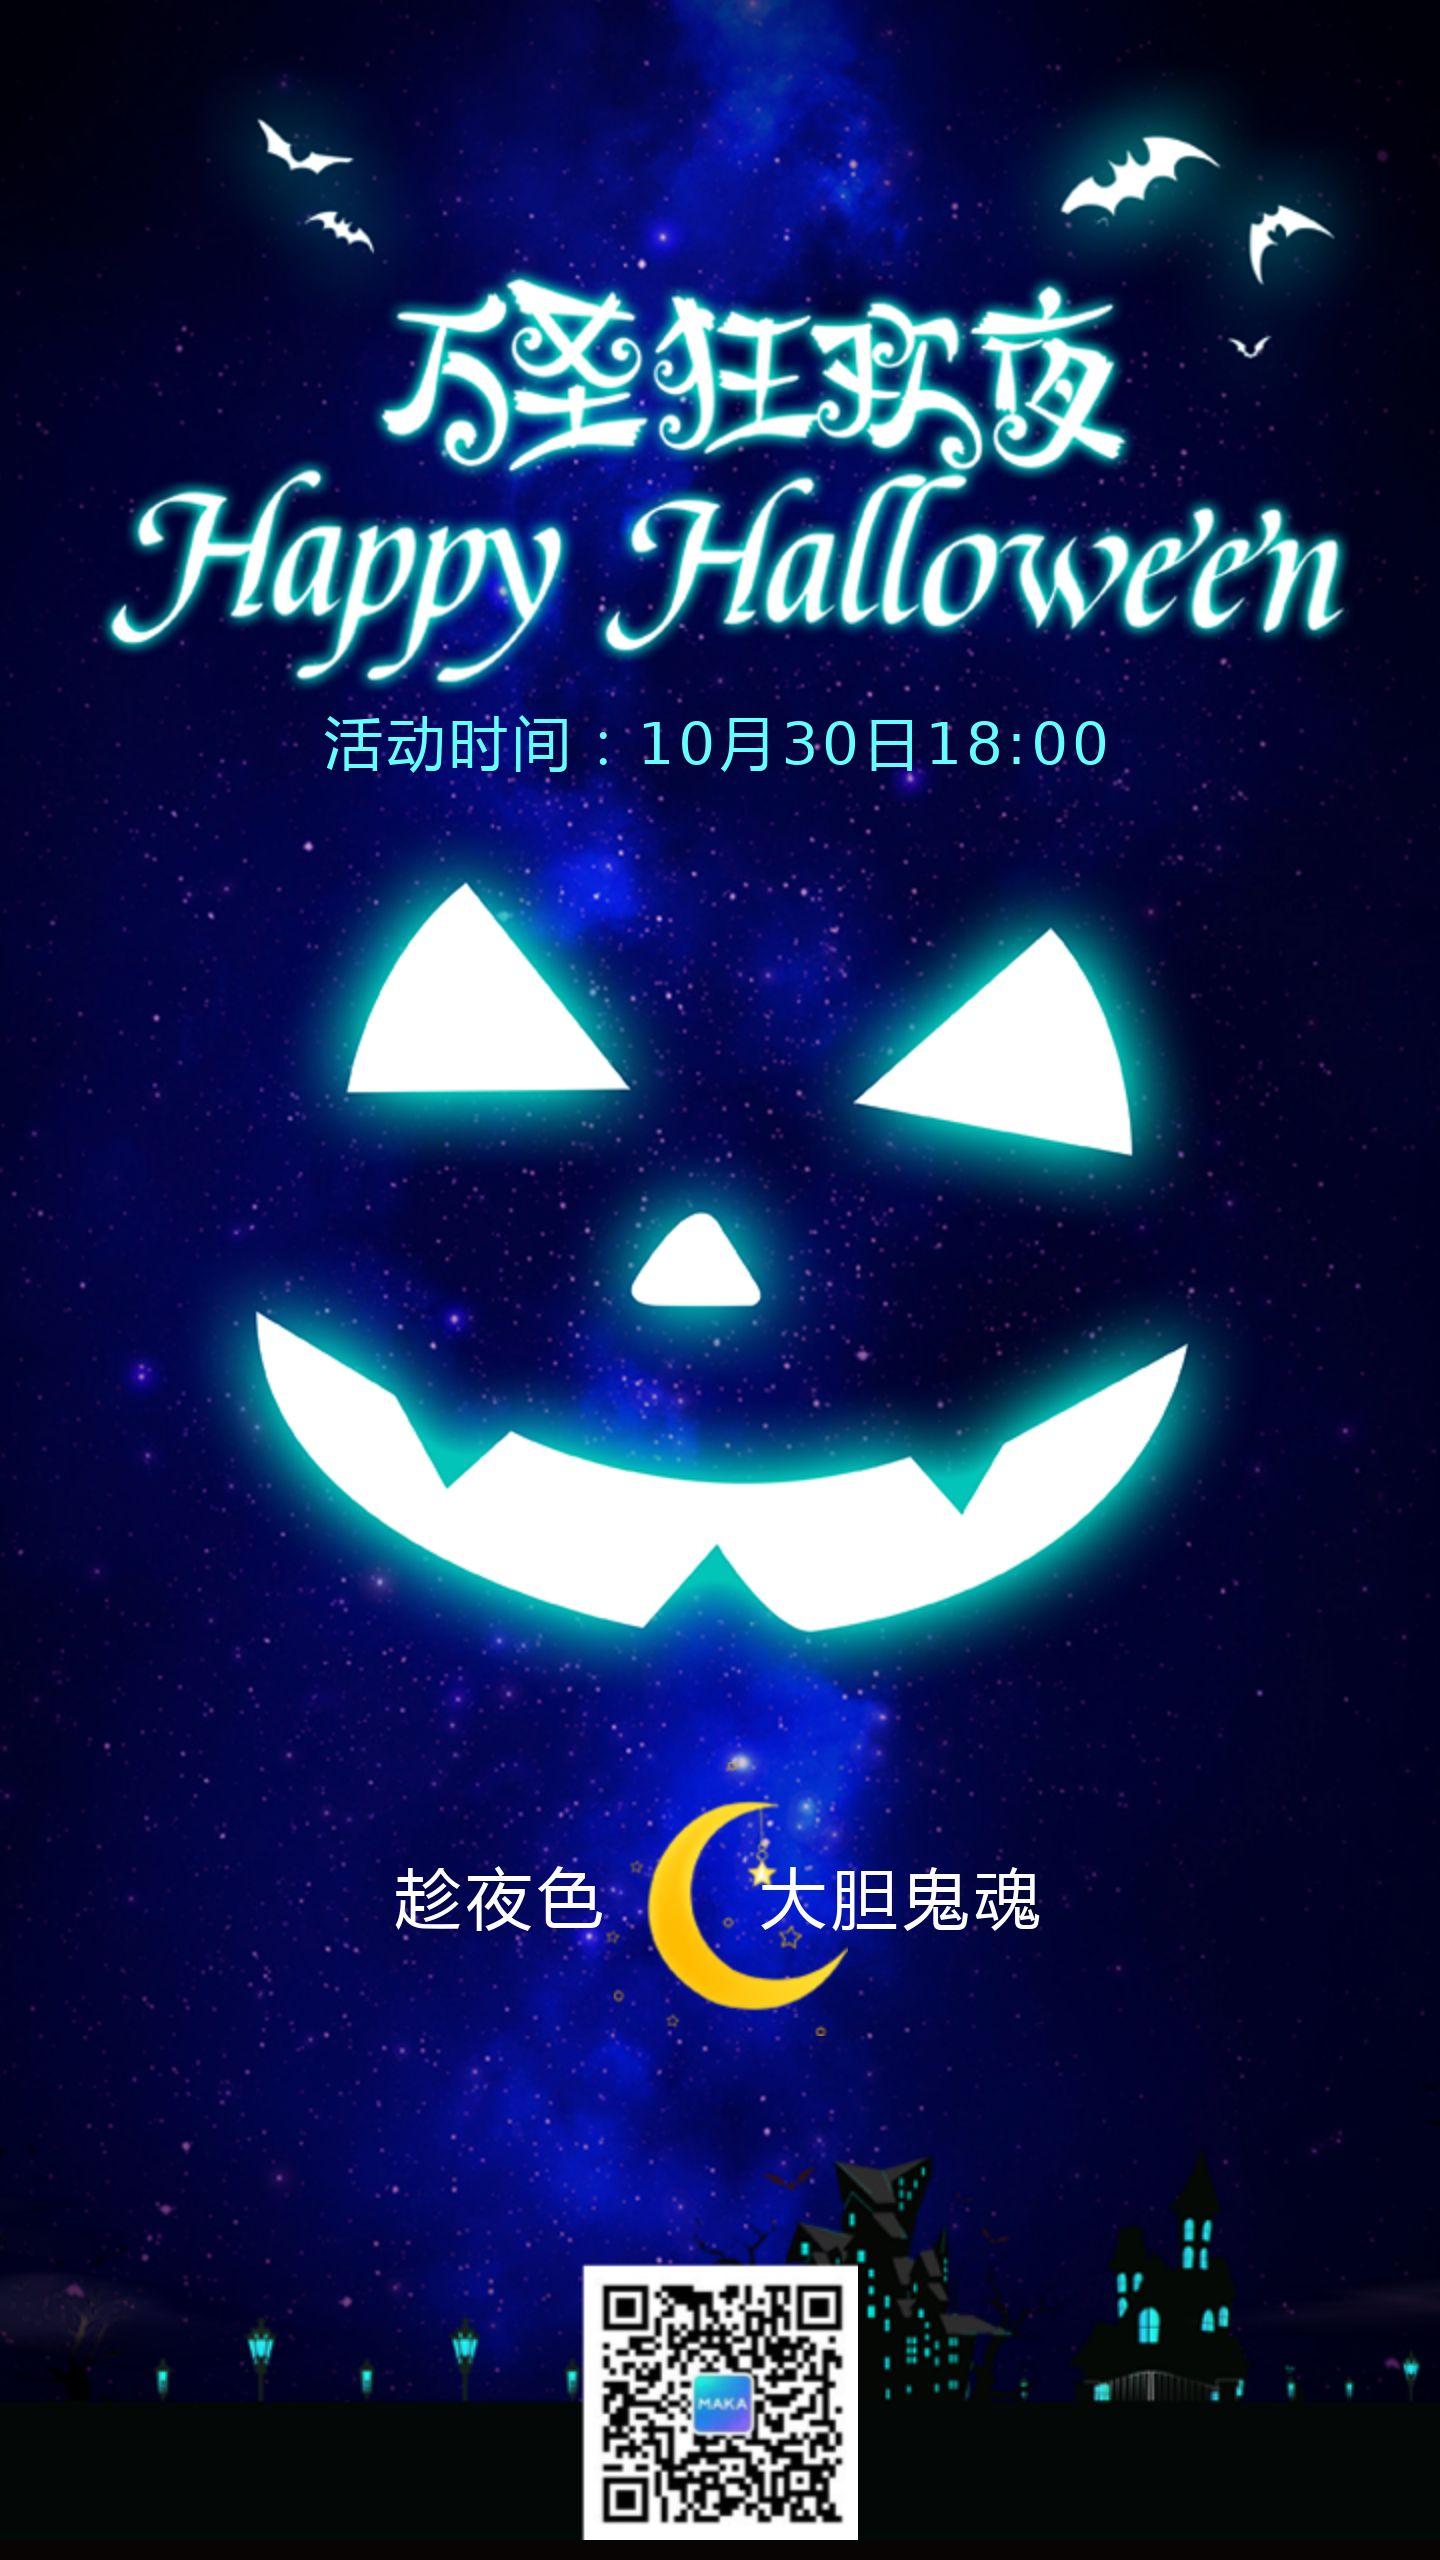 时尚炫酷万圣节邀请活动邀请活动促销海报模板